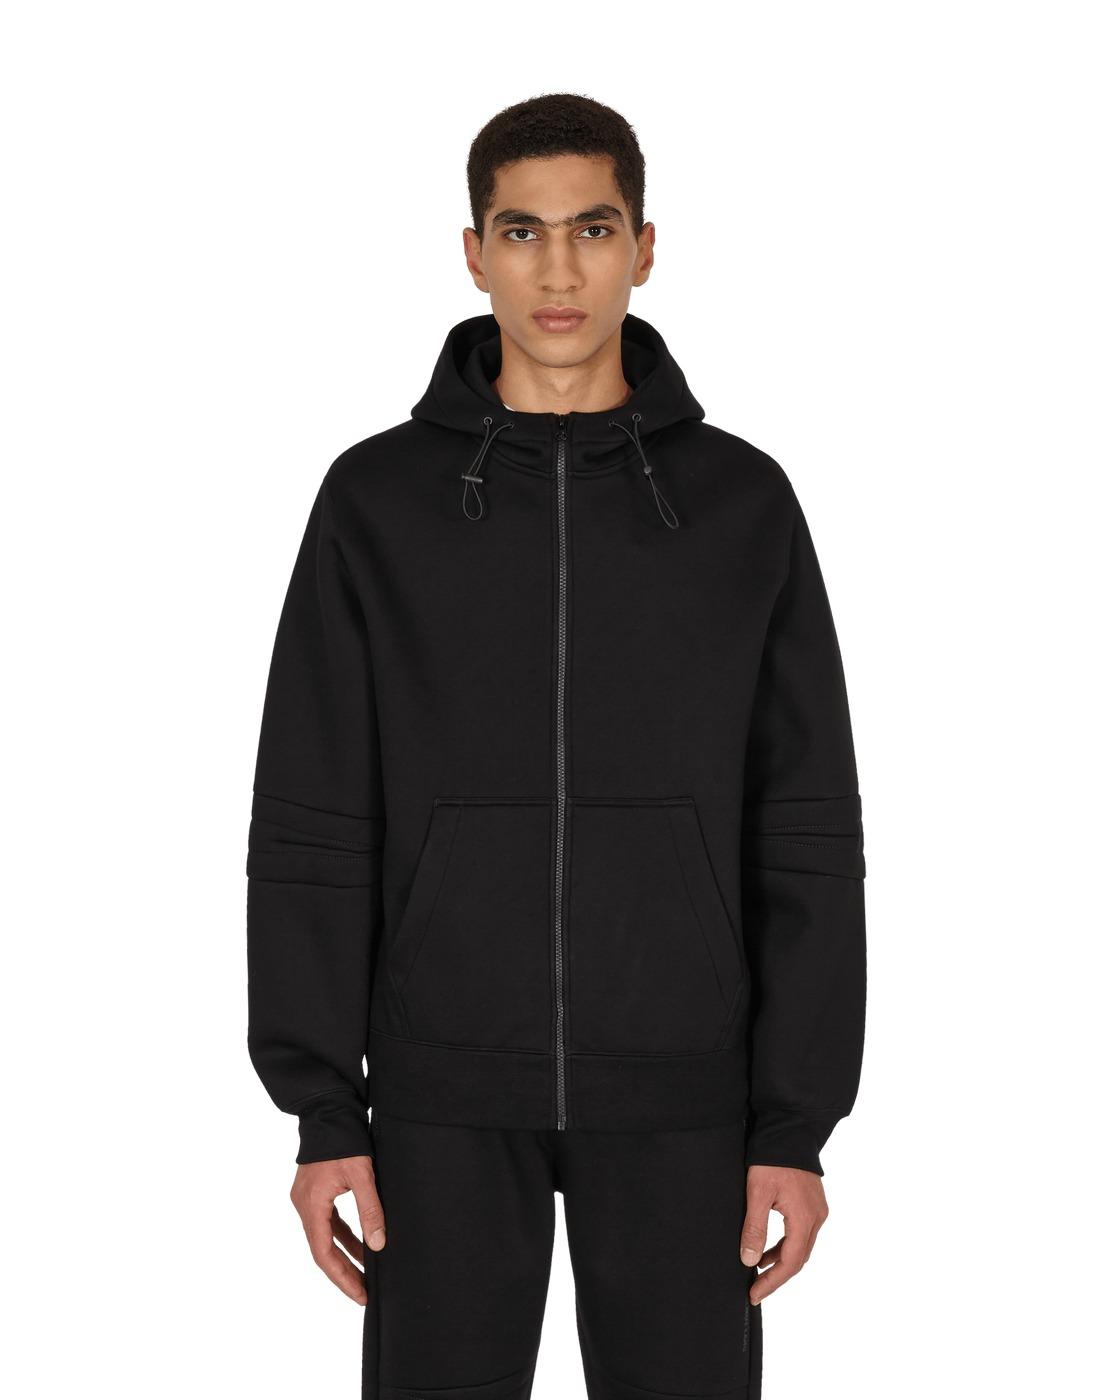 Photo: Helmut Lang Neoprene Zip Hooded Sweatshirt Black